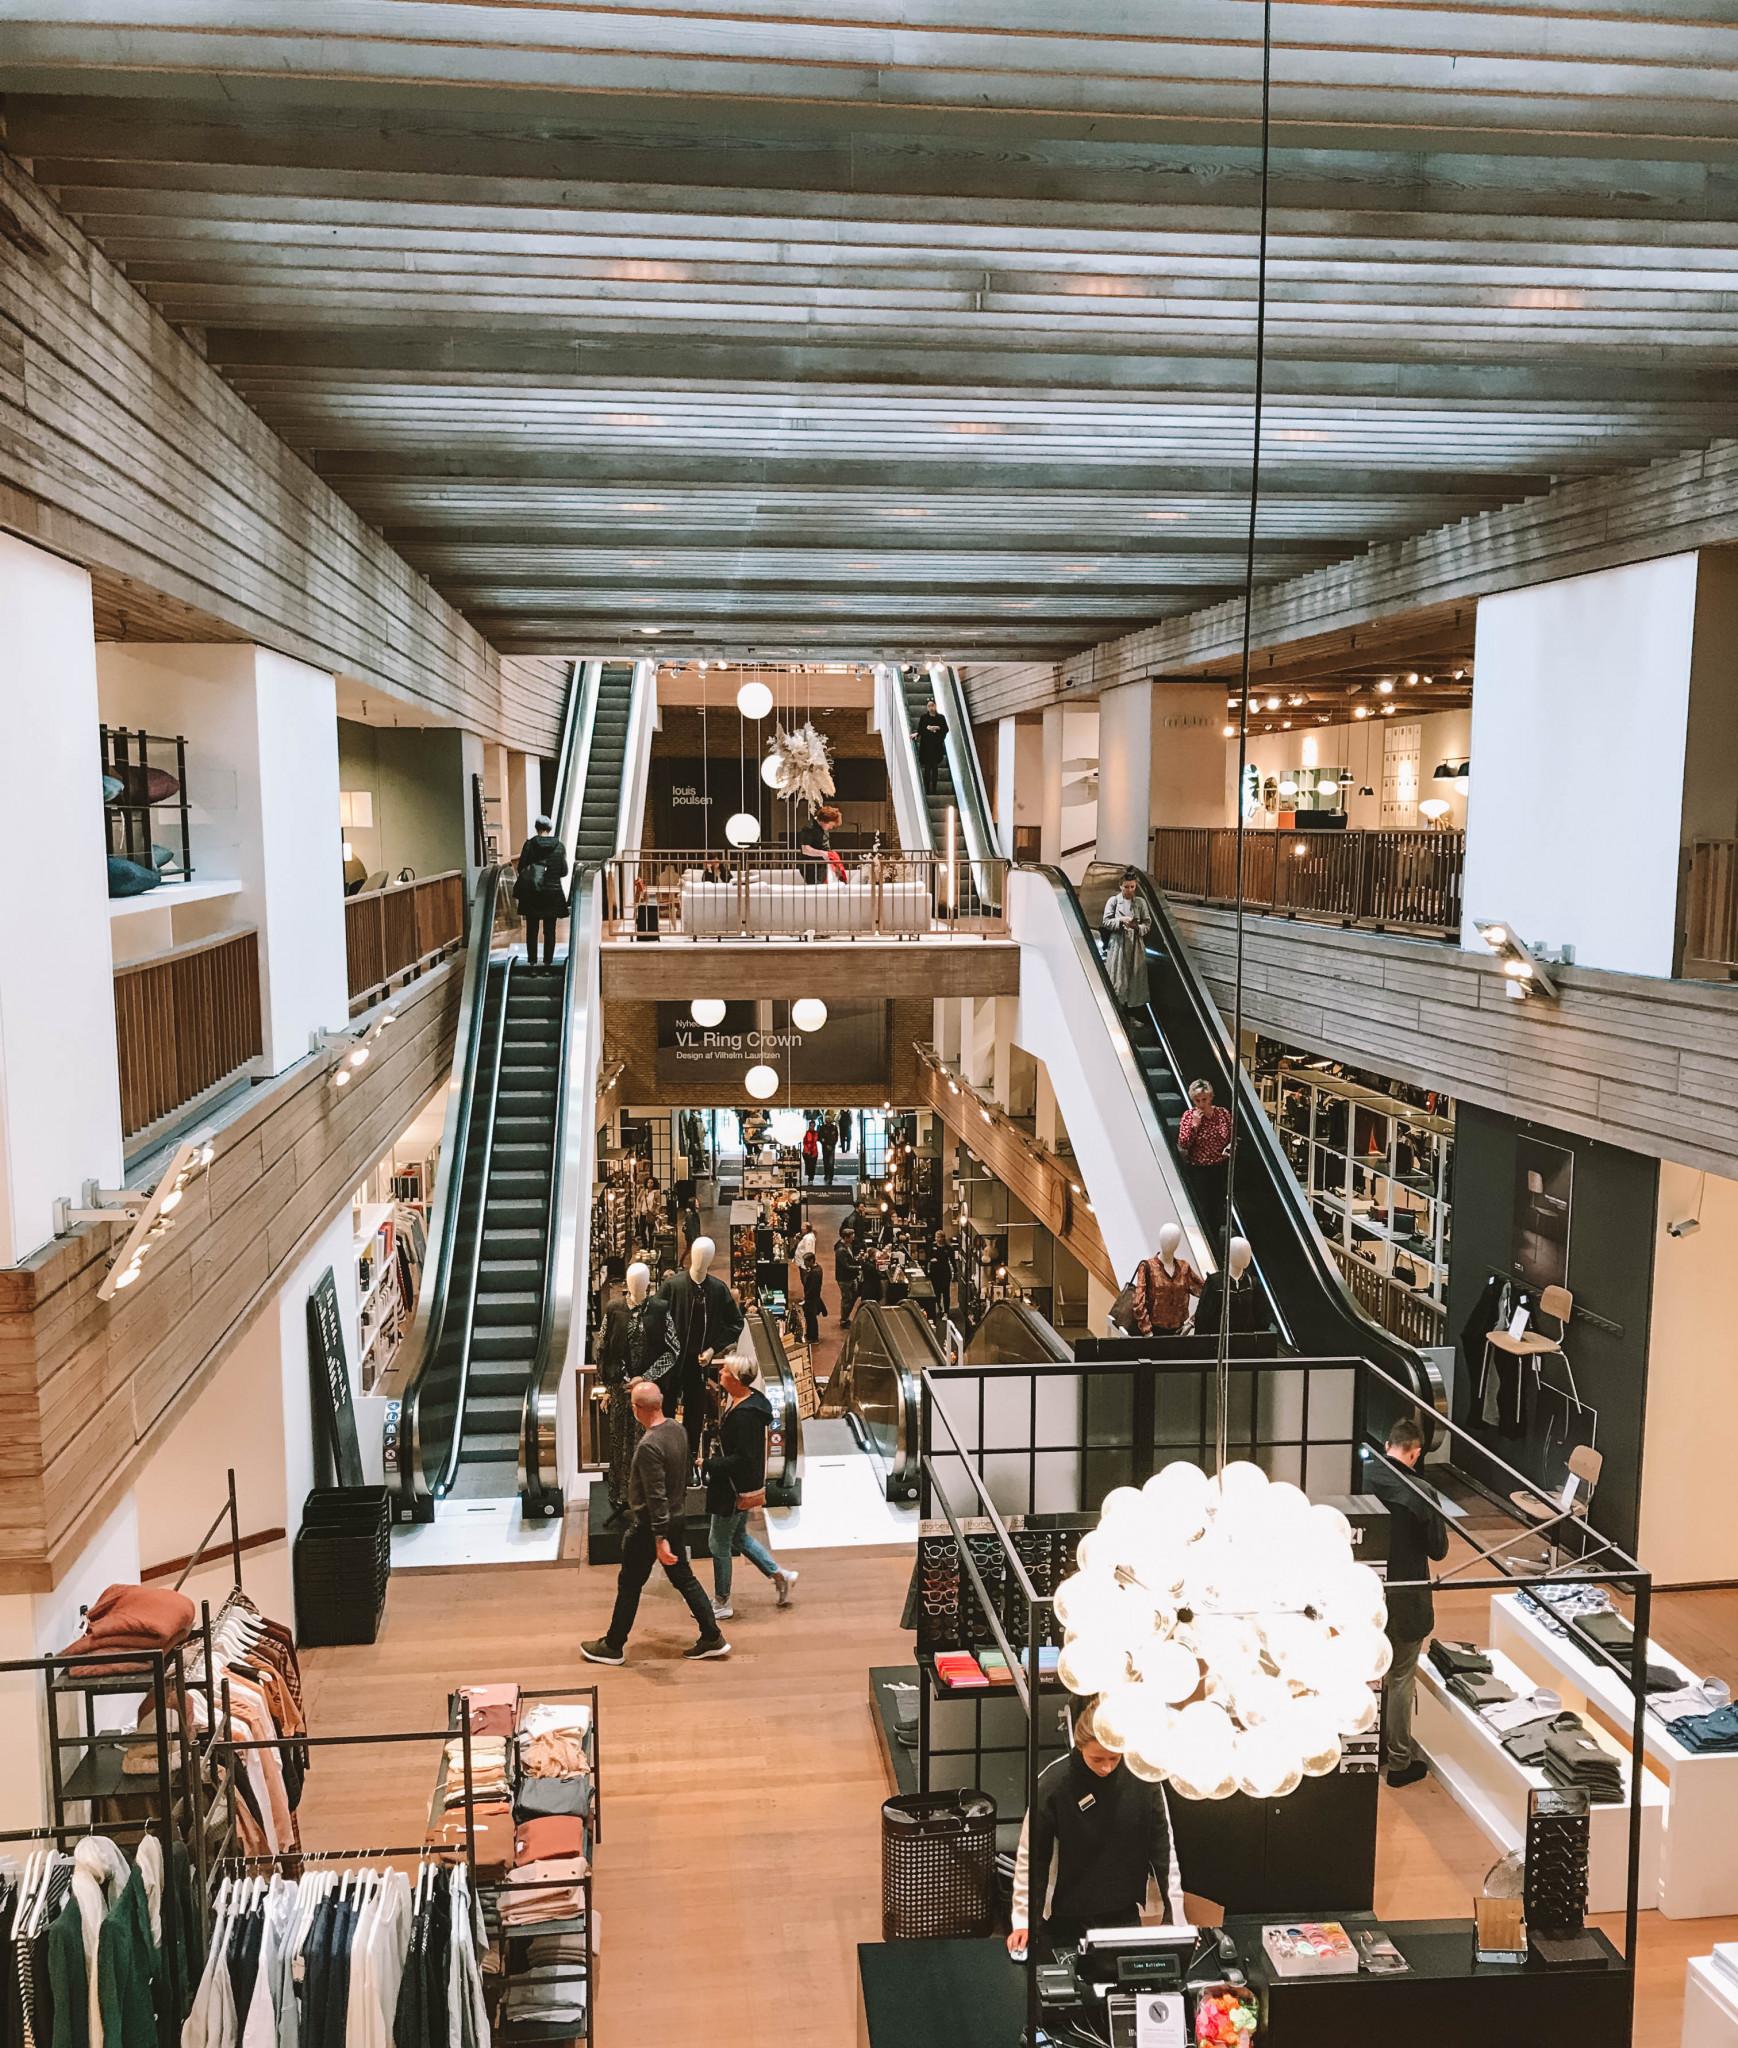 Carnet de voyage : 72h de design, de hygge et de bonnes tables à Copenhague - 4